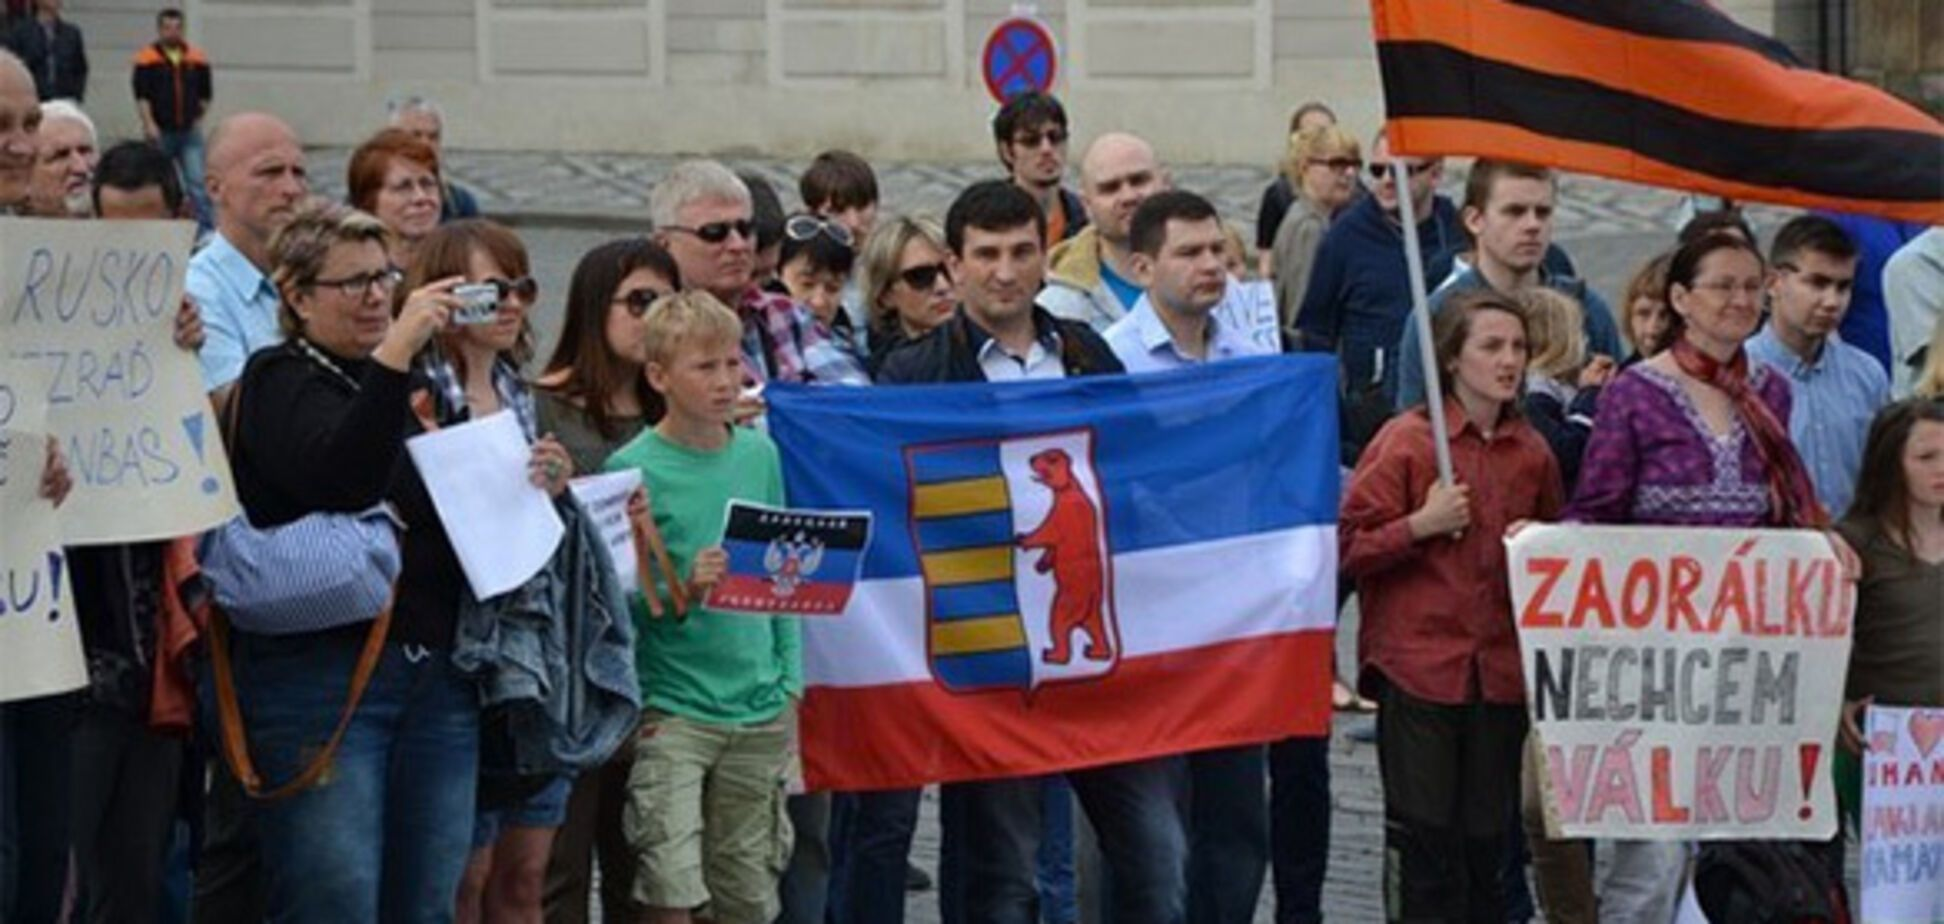 'Устал бороться с идиотами': известный ведущий развеял миф о сепаратизме на Закарпатье